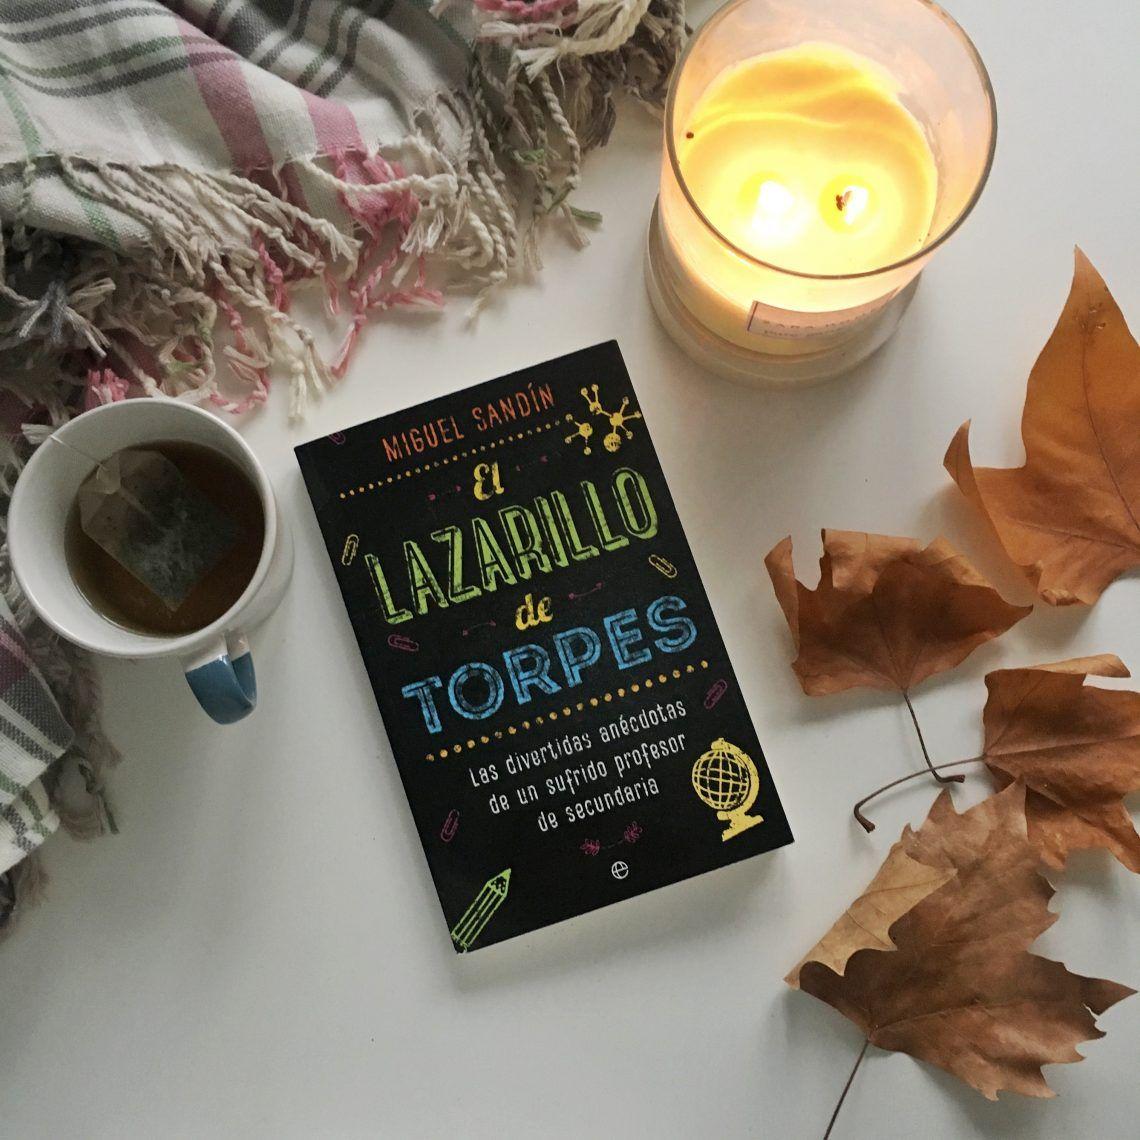 Mes de octubre: El lazarillo de Torpes